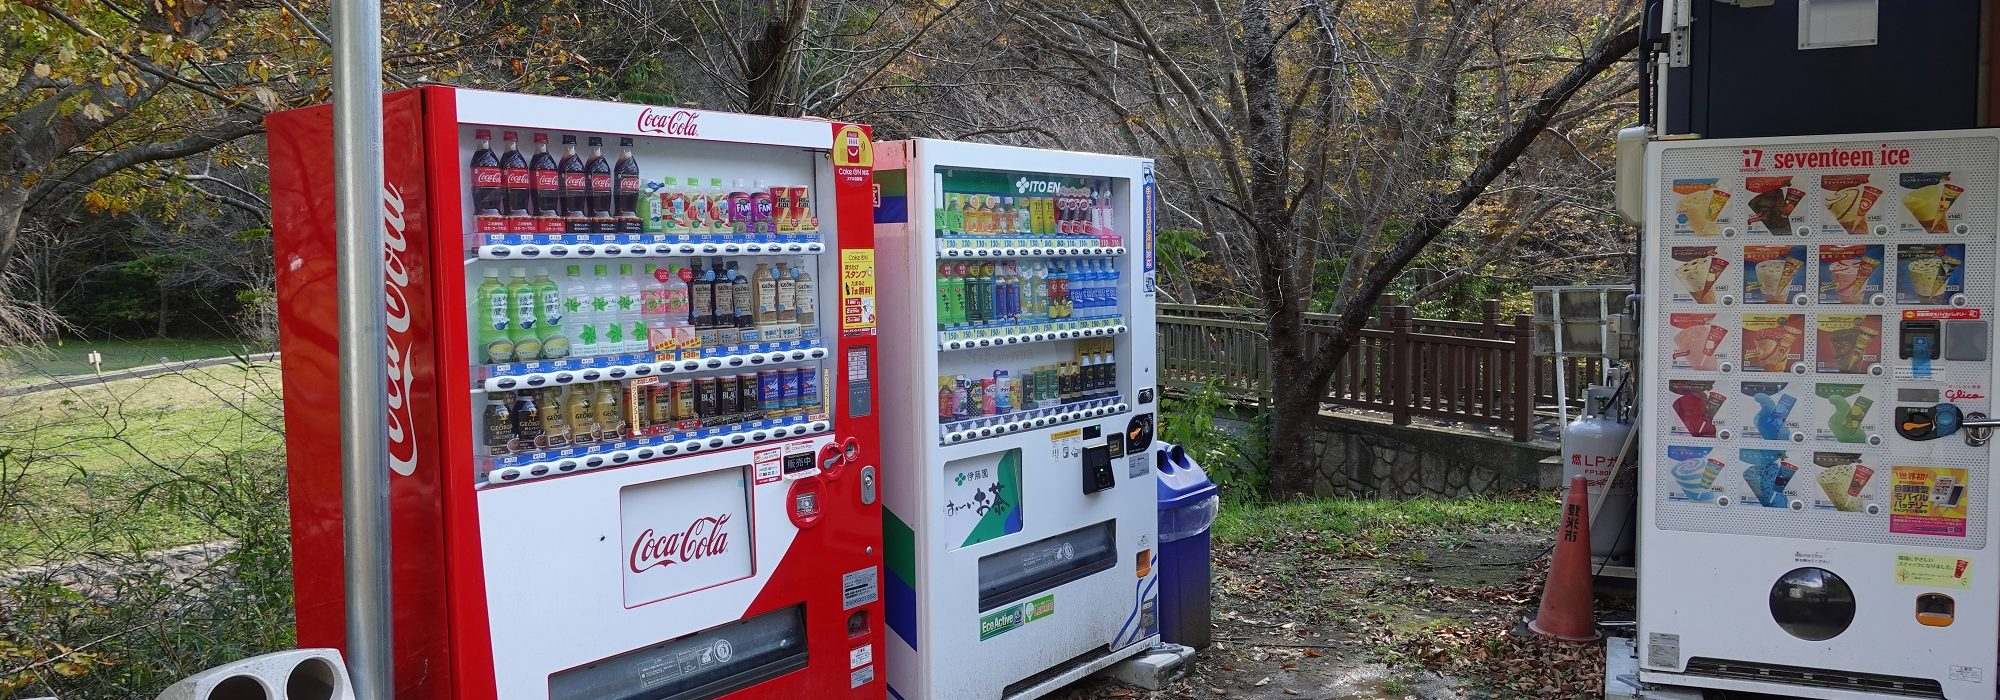 売店の近くには自動販売機(ジュースとアイス)